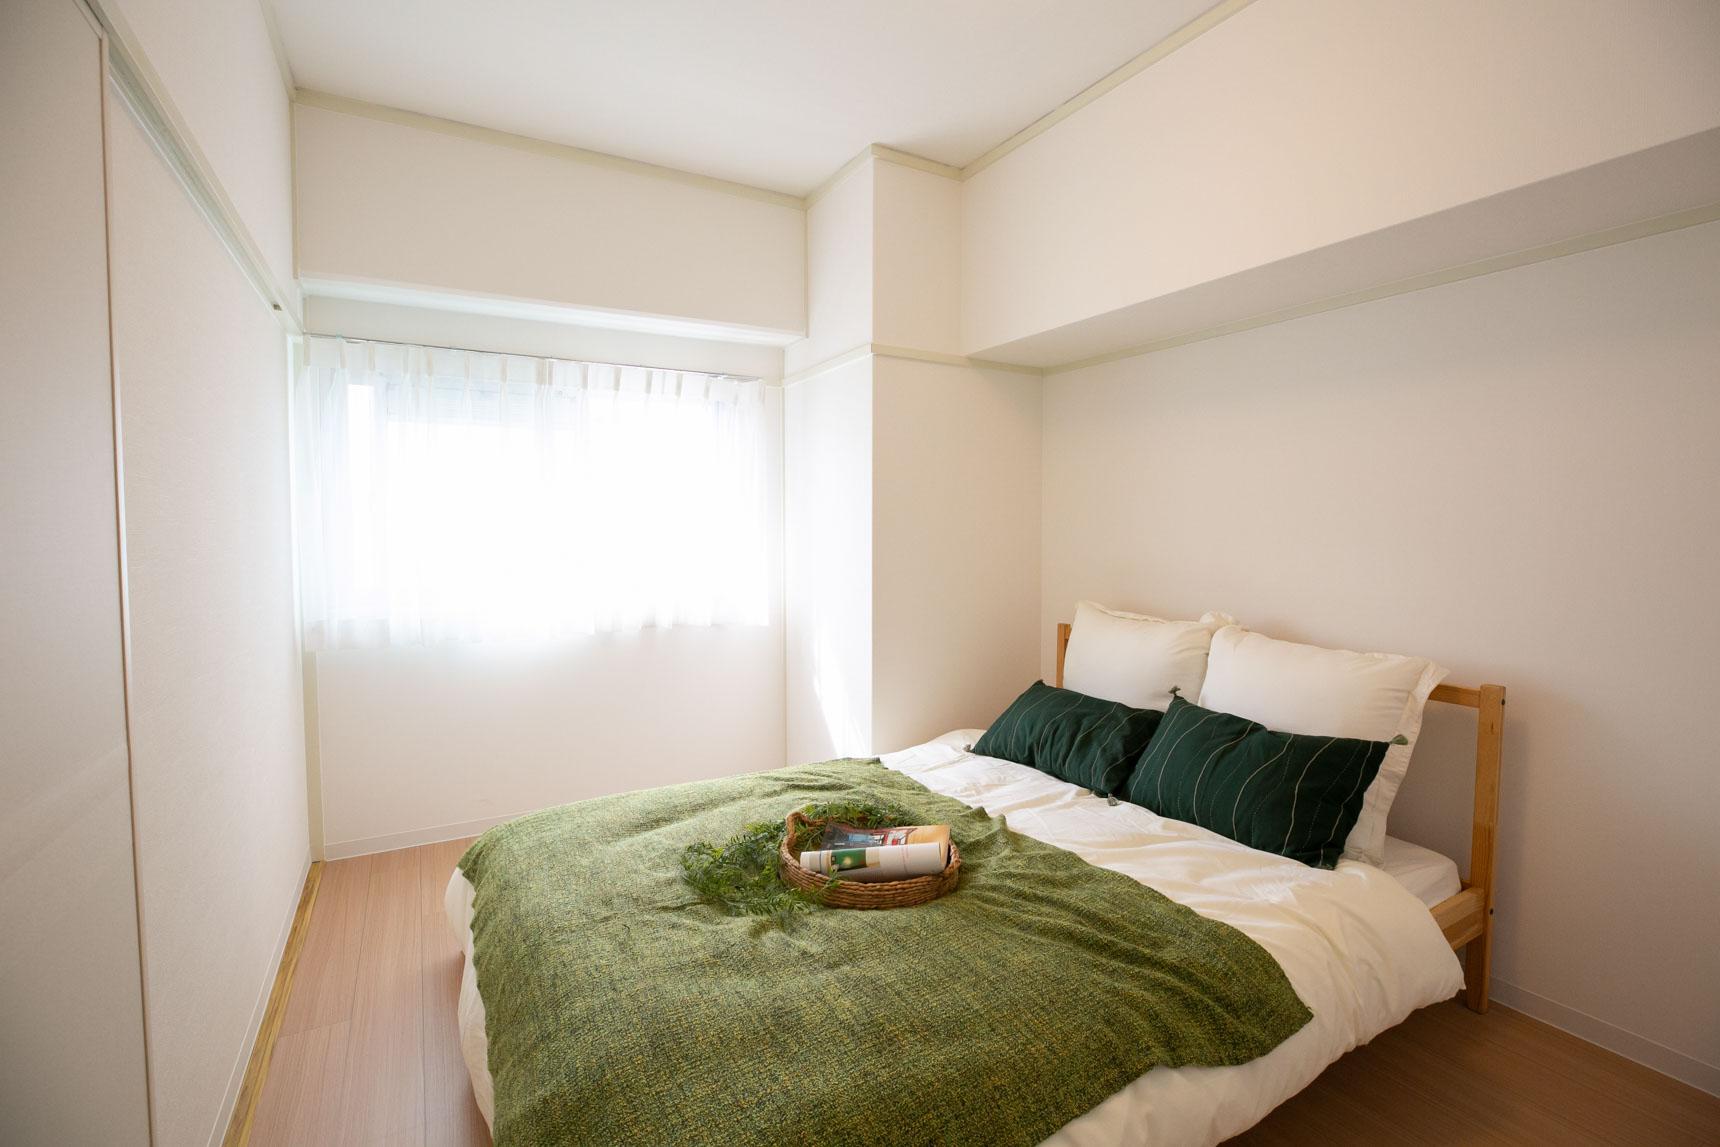 こちらは和室を洋室へと変更したベッドルーム。こちらもナチュラルな雰囲気。